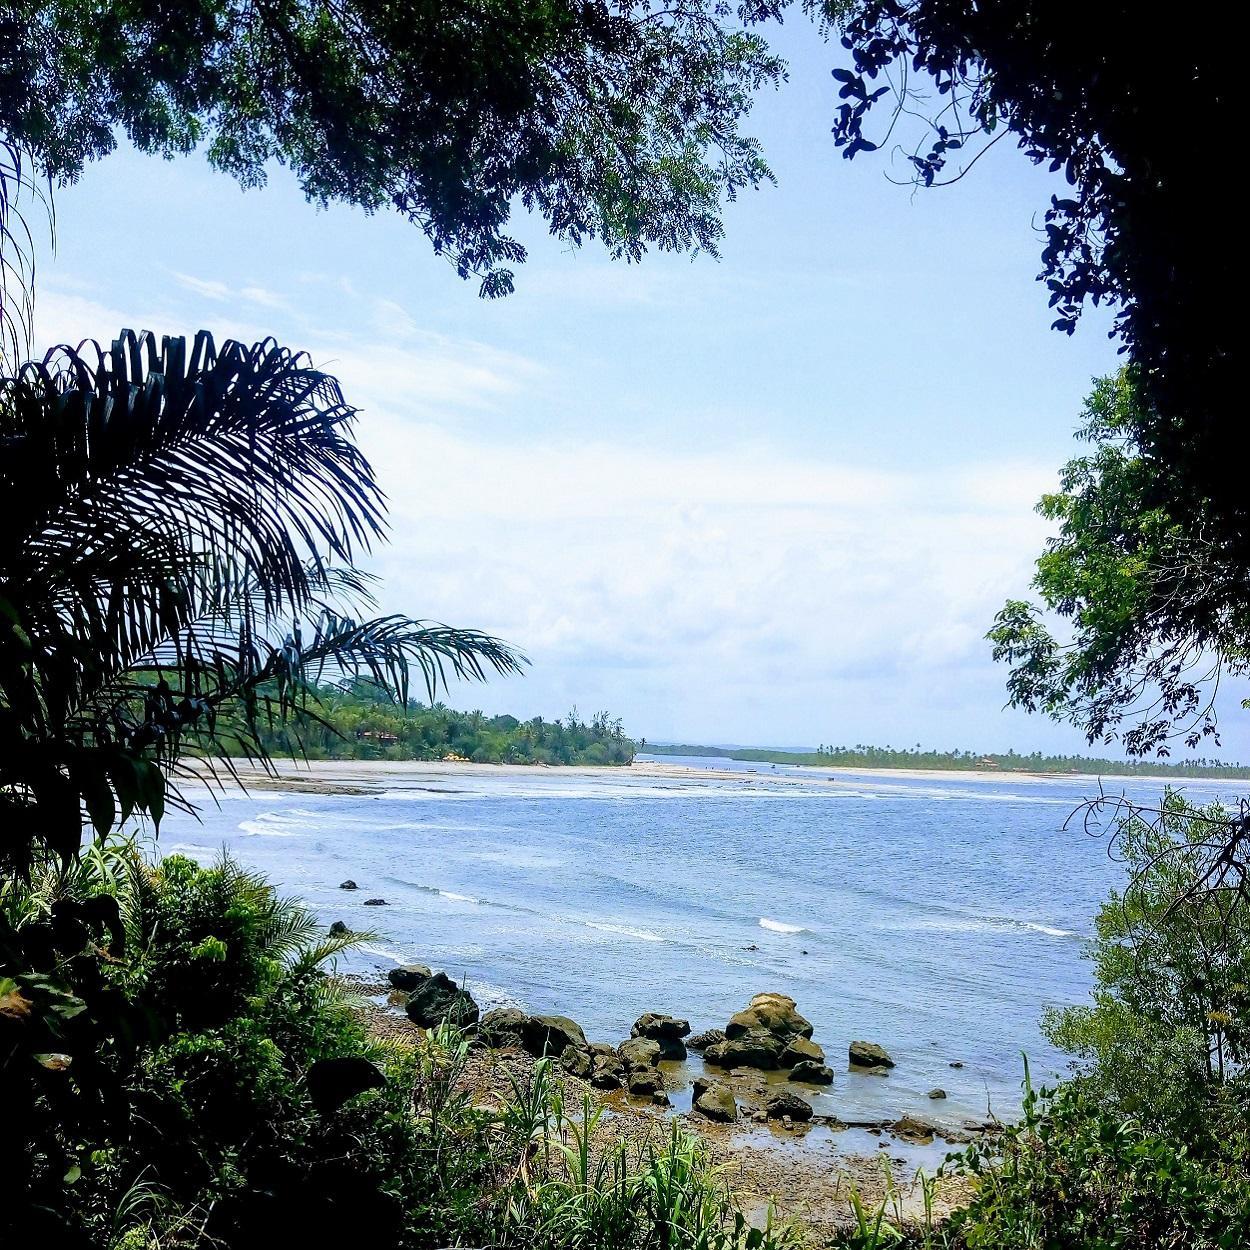 Dicas da Ilha de Boipeba